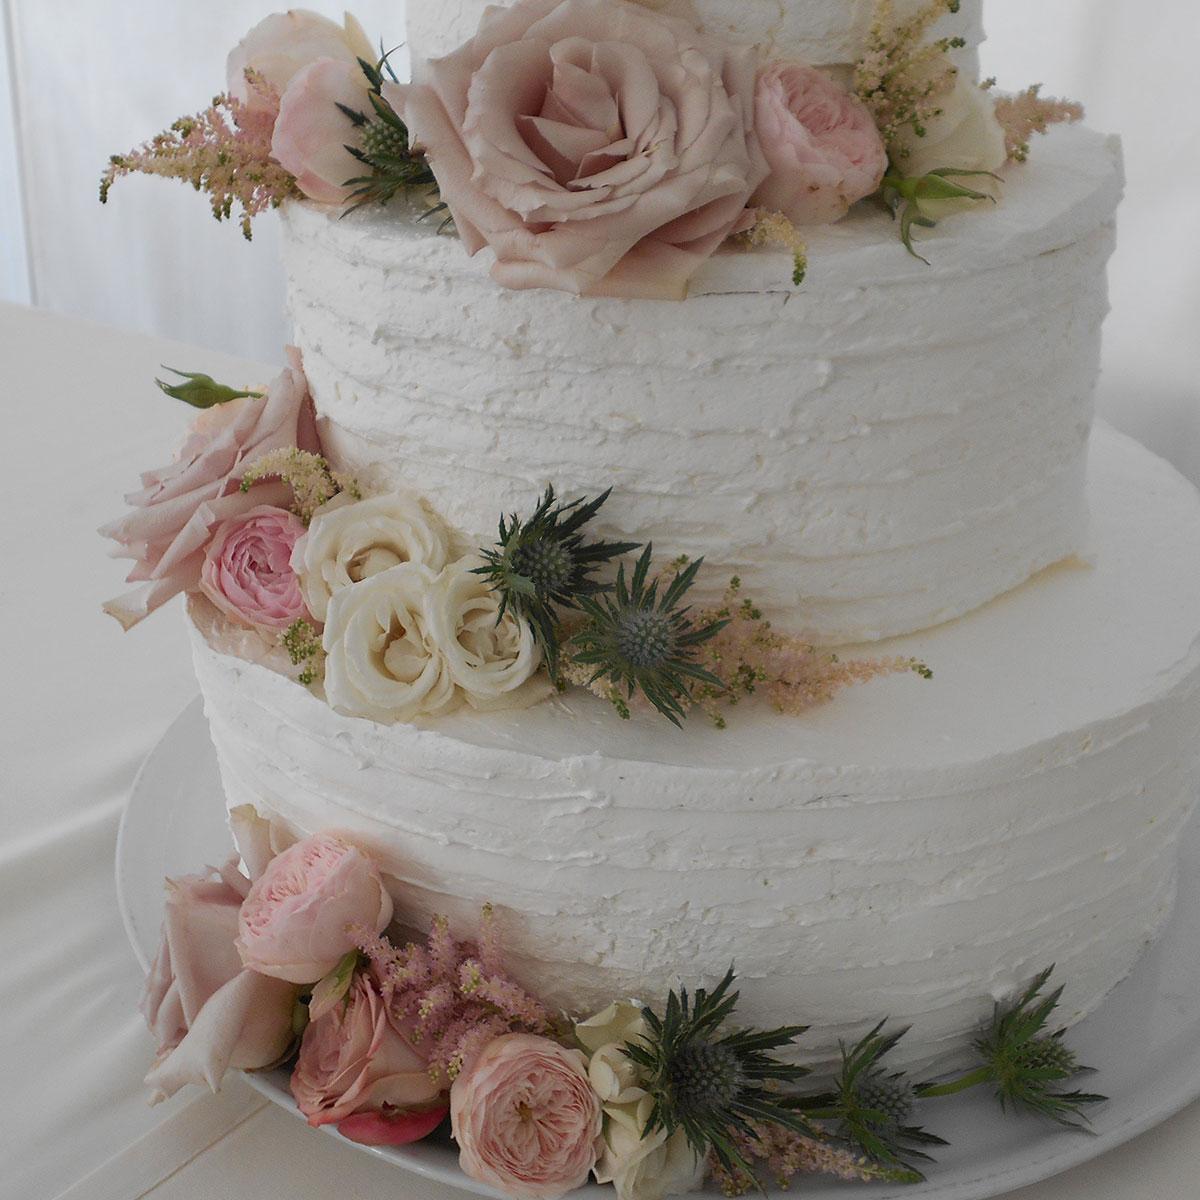 Torta con fiori matrimonio | Negriricevimenti.com